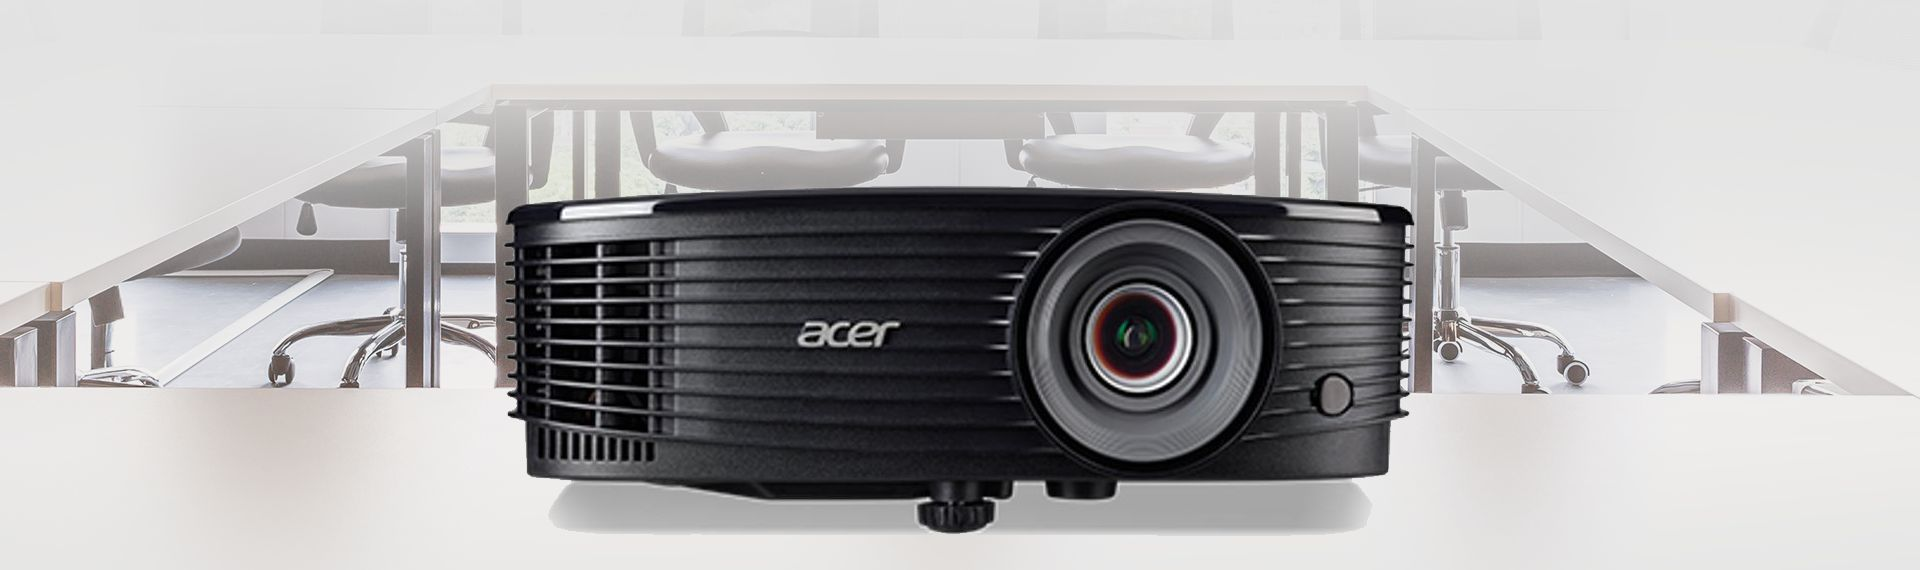 Acer Proyektor BS-120P, Proyektor Bisnis yang Efisien dan Ramah Lingkungan